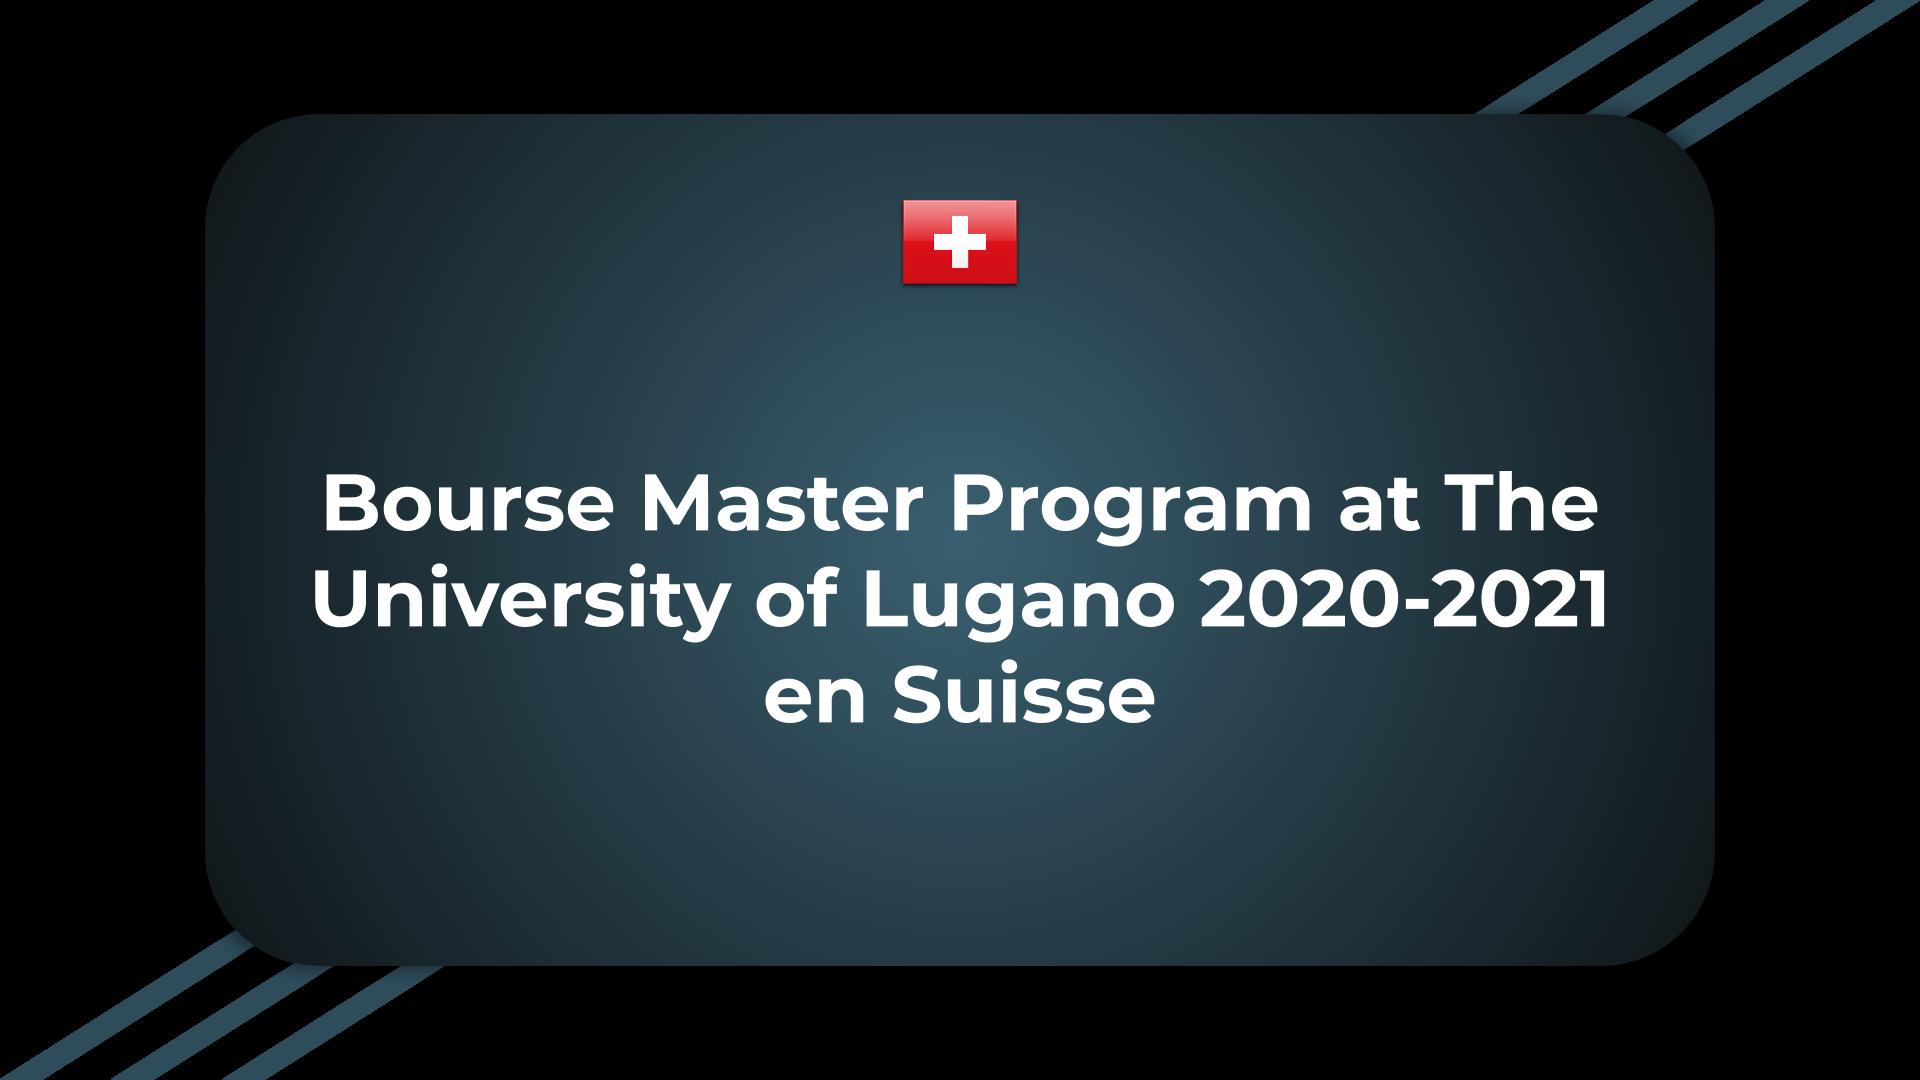 Bourse Master Program at The University of Lugano